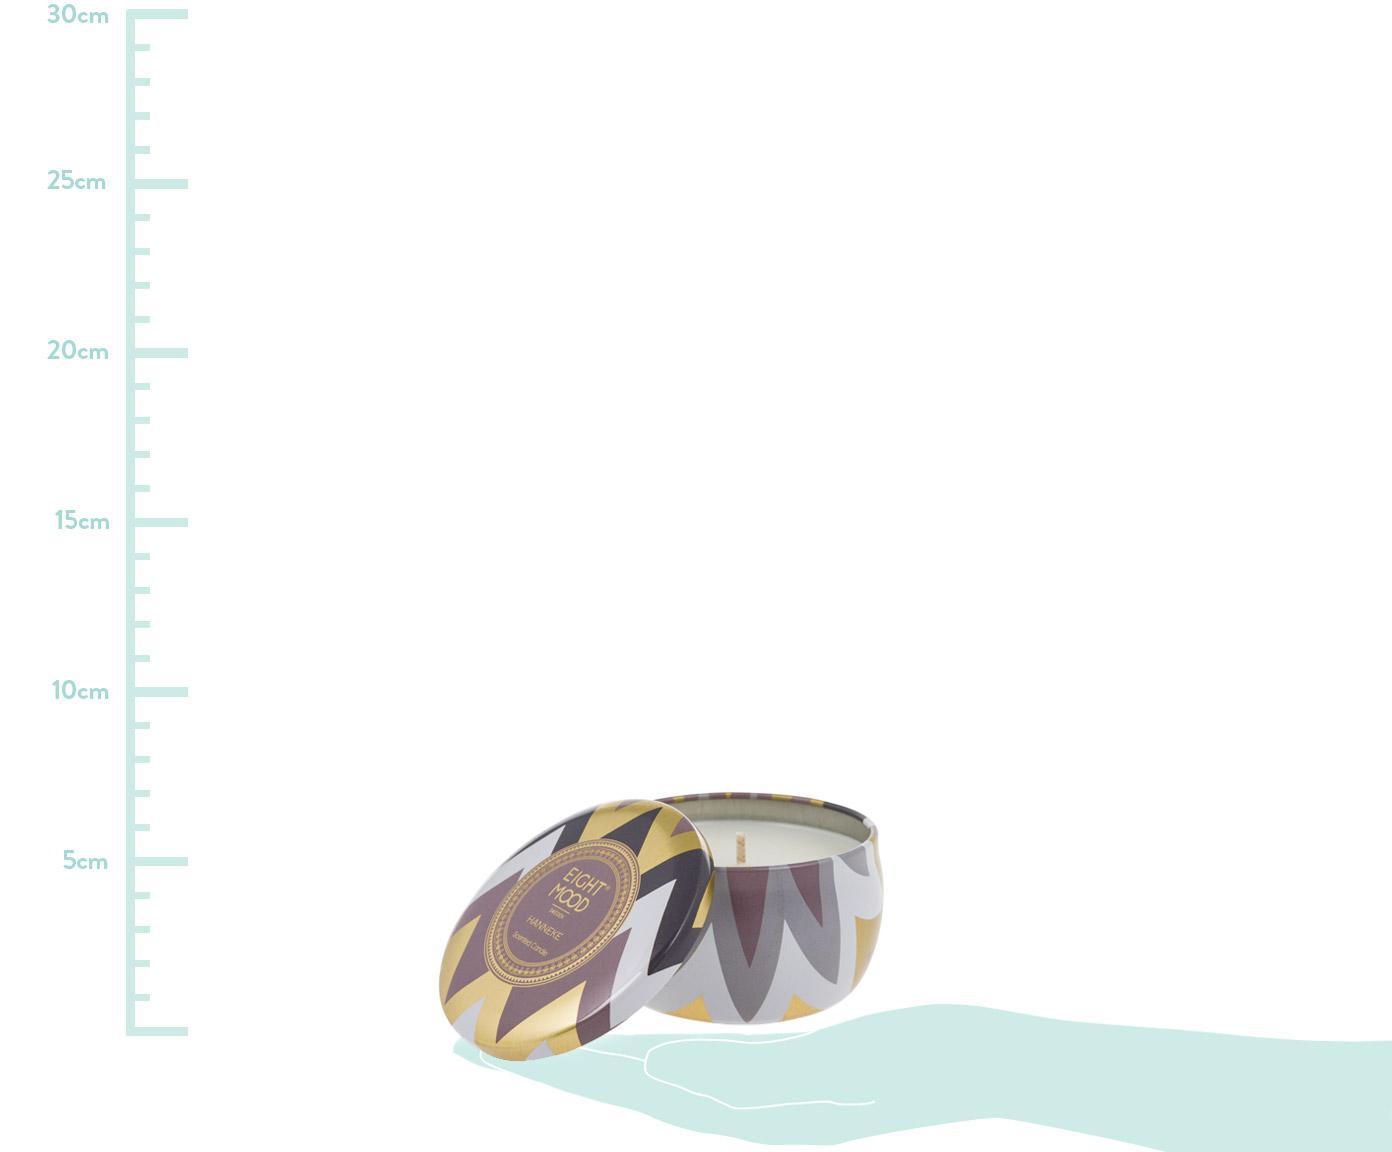 Duftkerze Hanneke (Mandarine & Feige), Behälter: Metall, Behälter: Mehrfarbig Wachs: Weiß, Ø 8 x H 5 cm